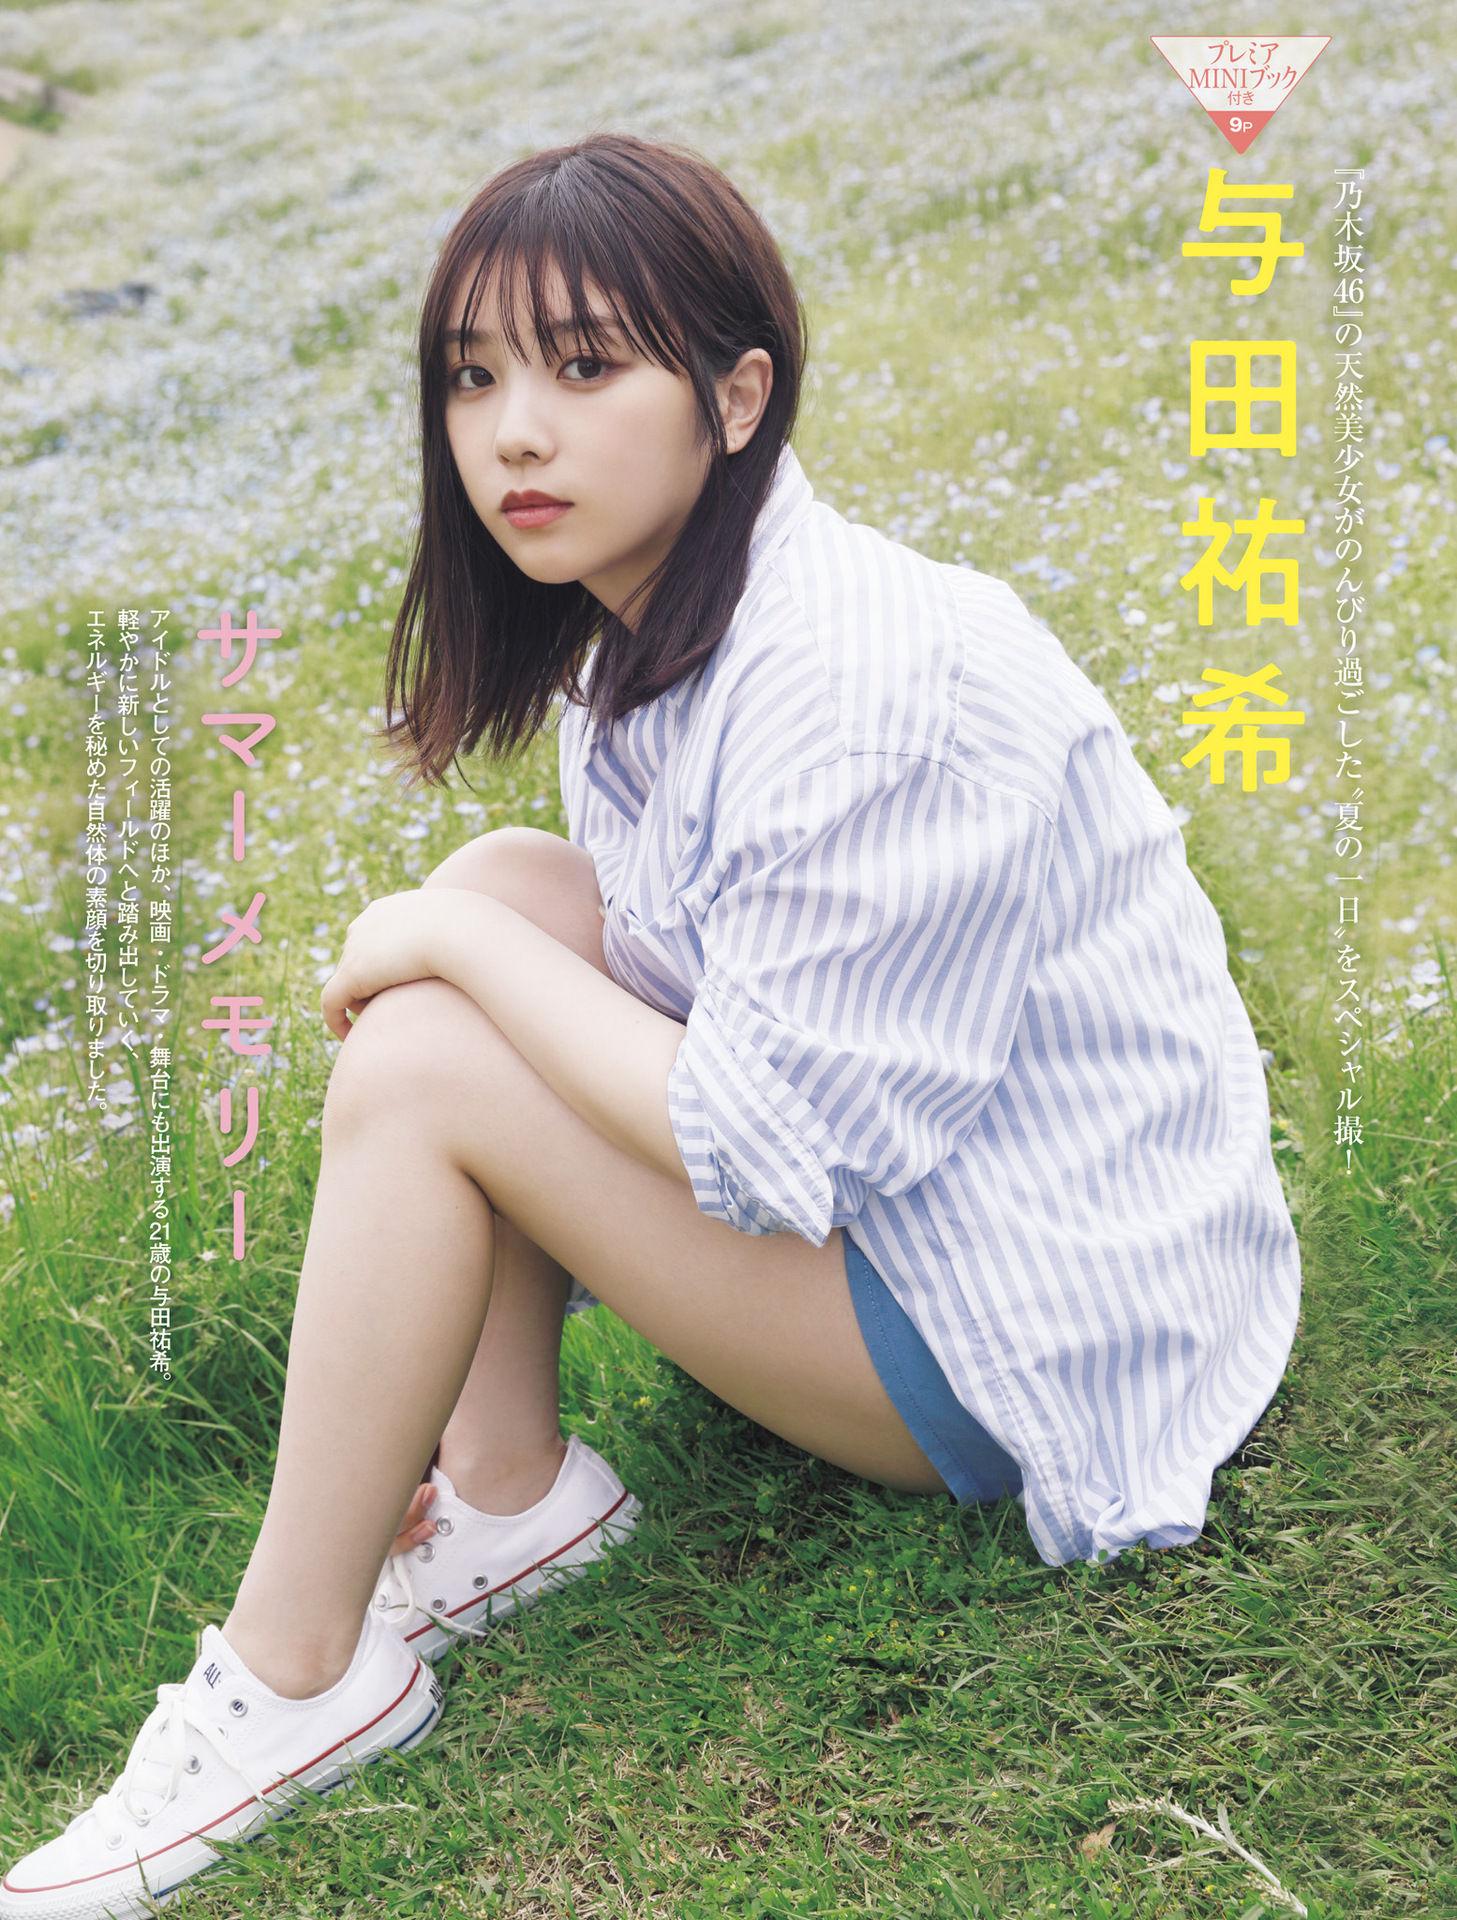 喵妹子写真专辑(第14辑) 养眼图片 第12张